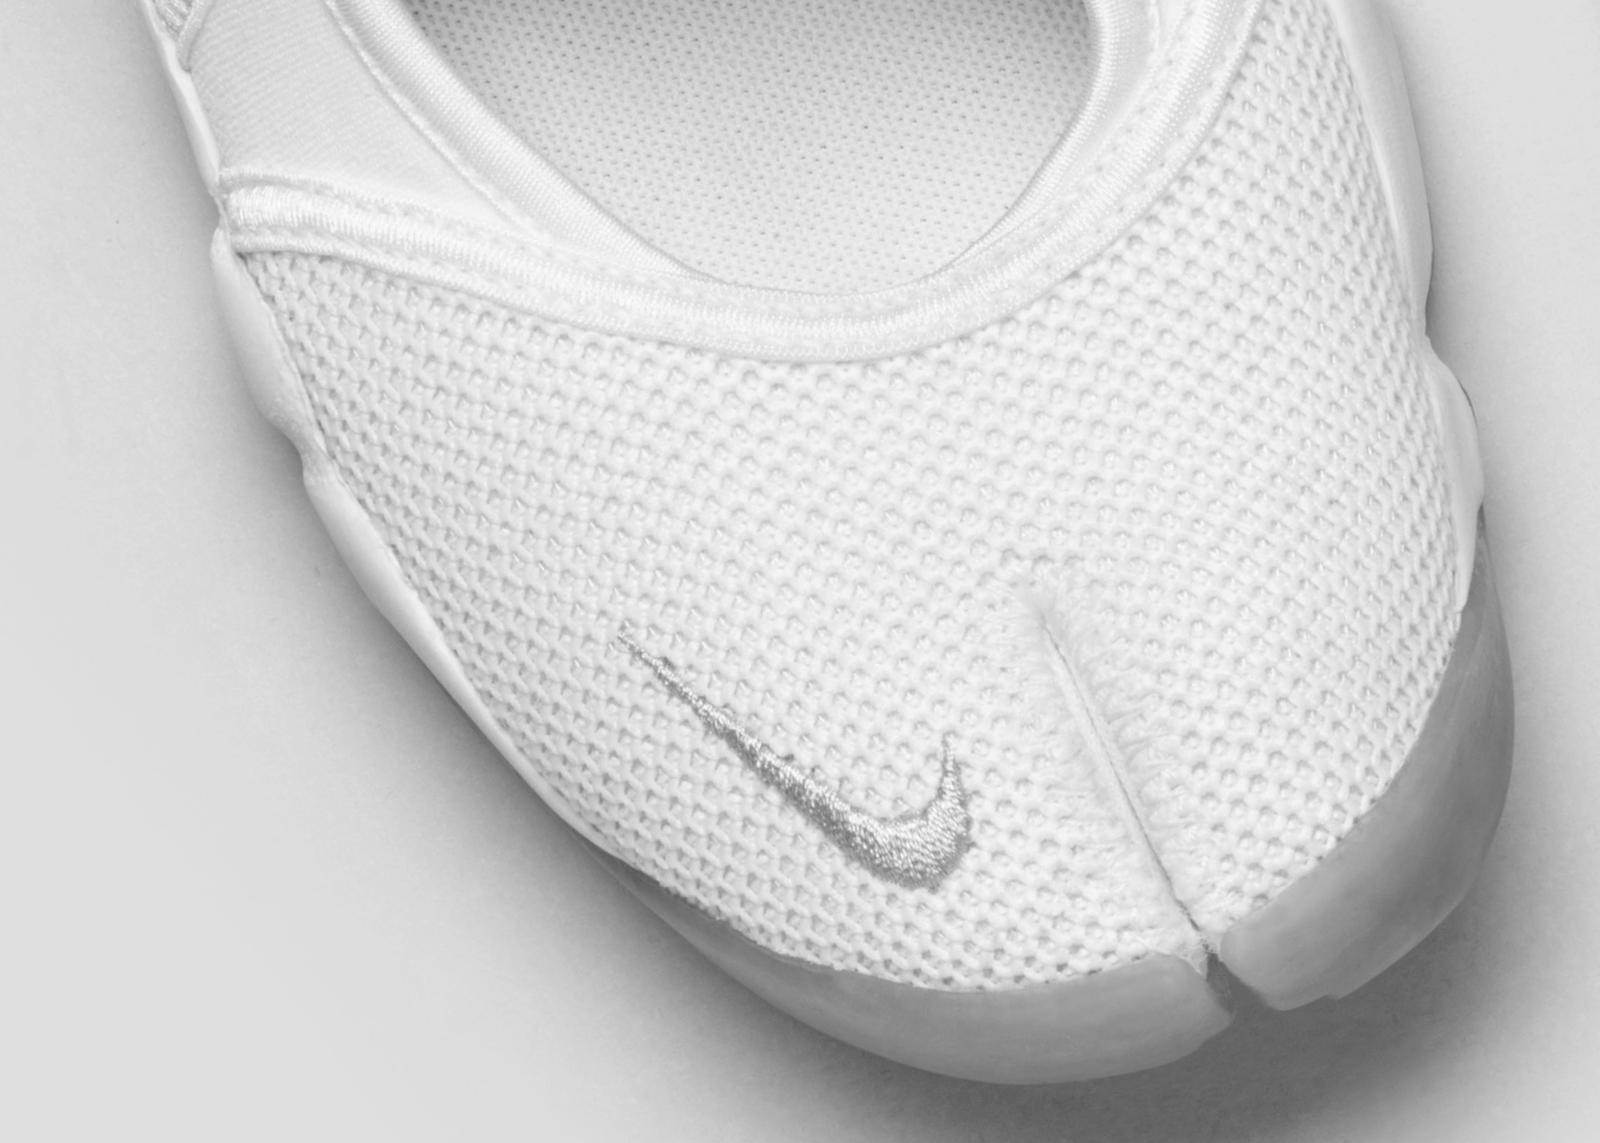 Nike Running Sneaker